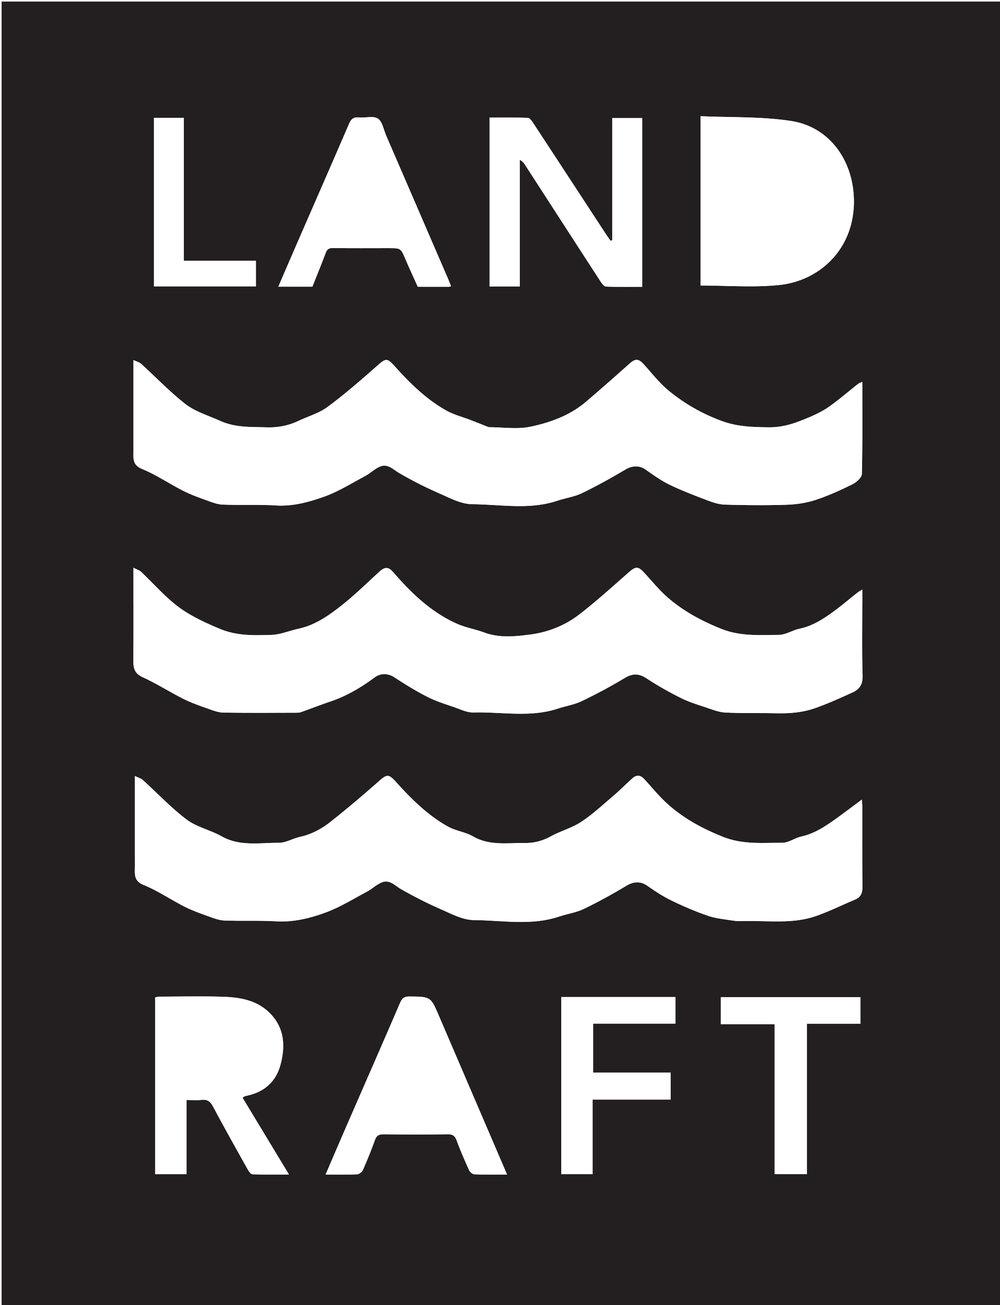 Land Raft